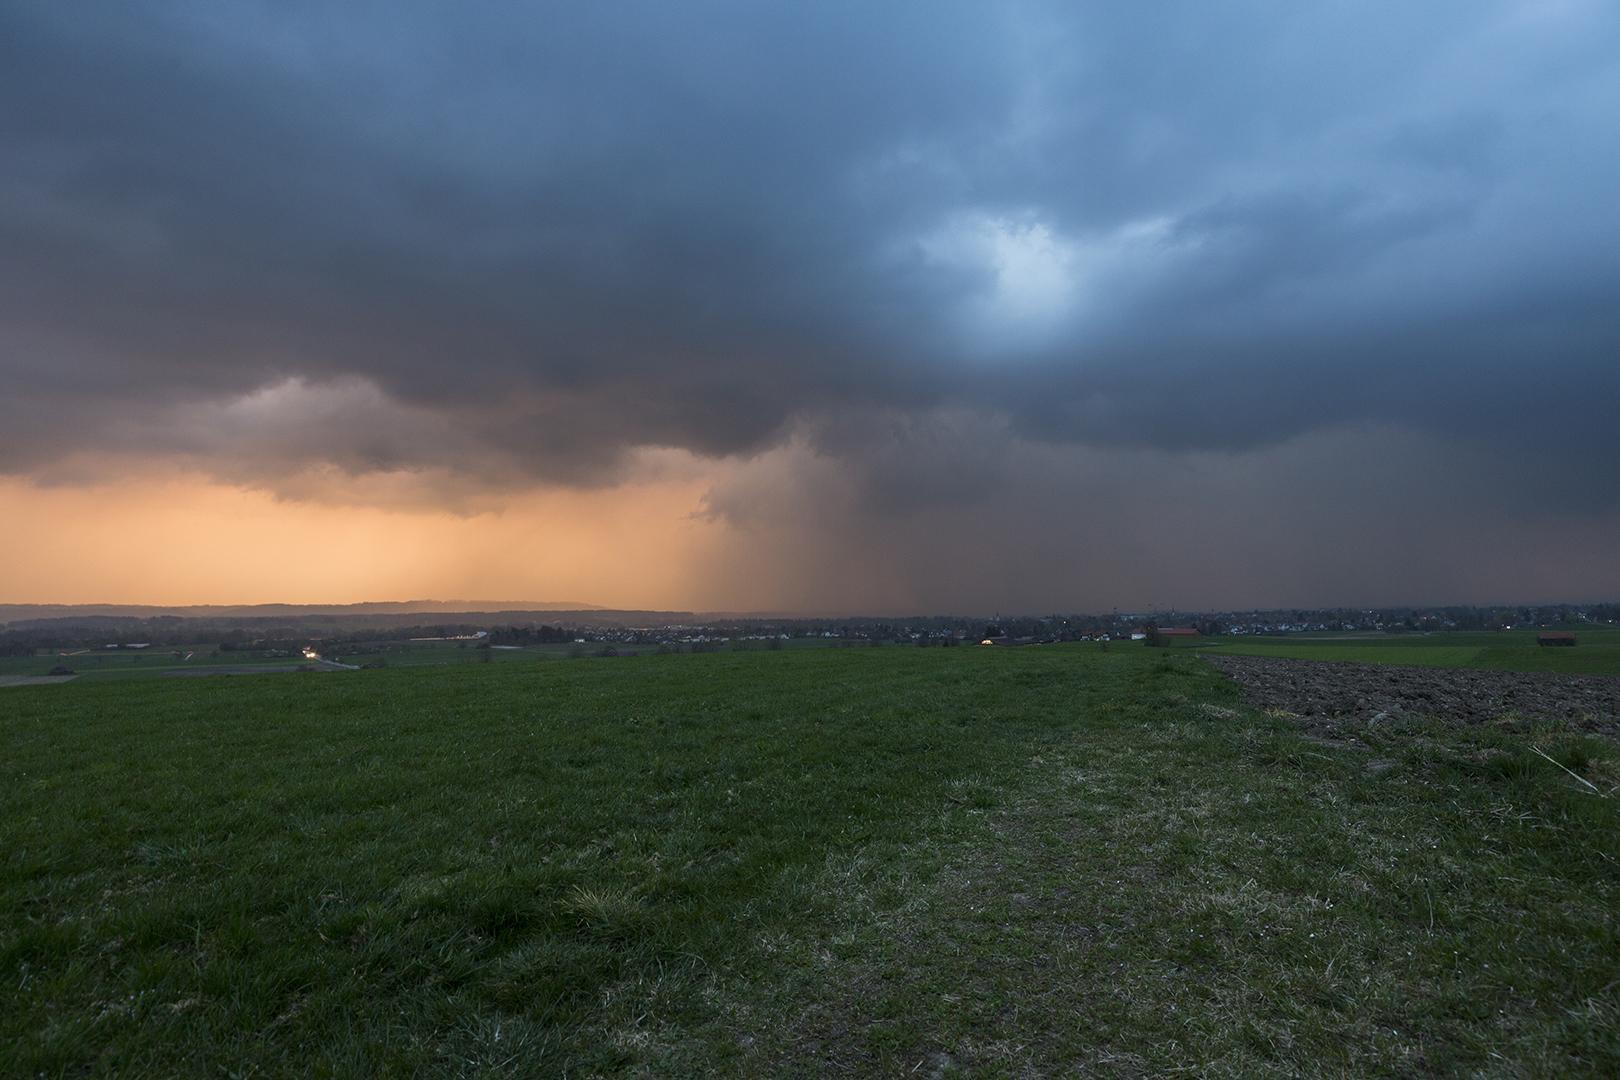 http://www.wetterbilder.net/Bilder/Beobachtungen/2017-04-03/2017.04.03-01.jpg